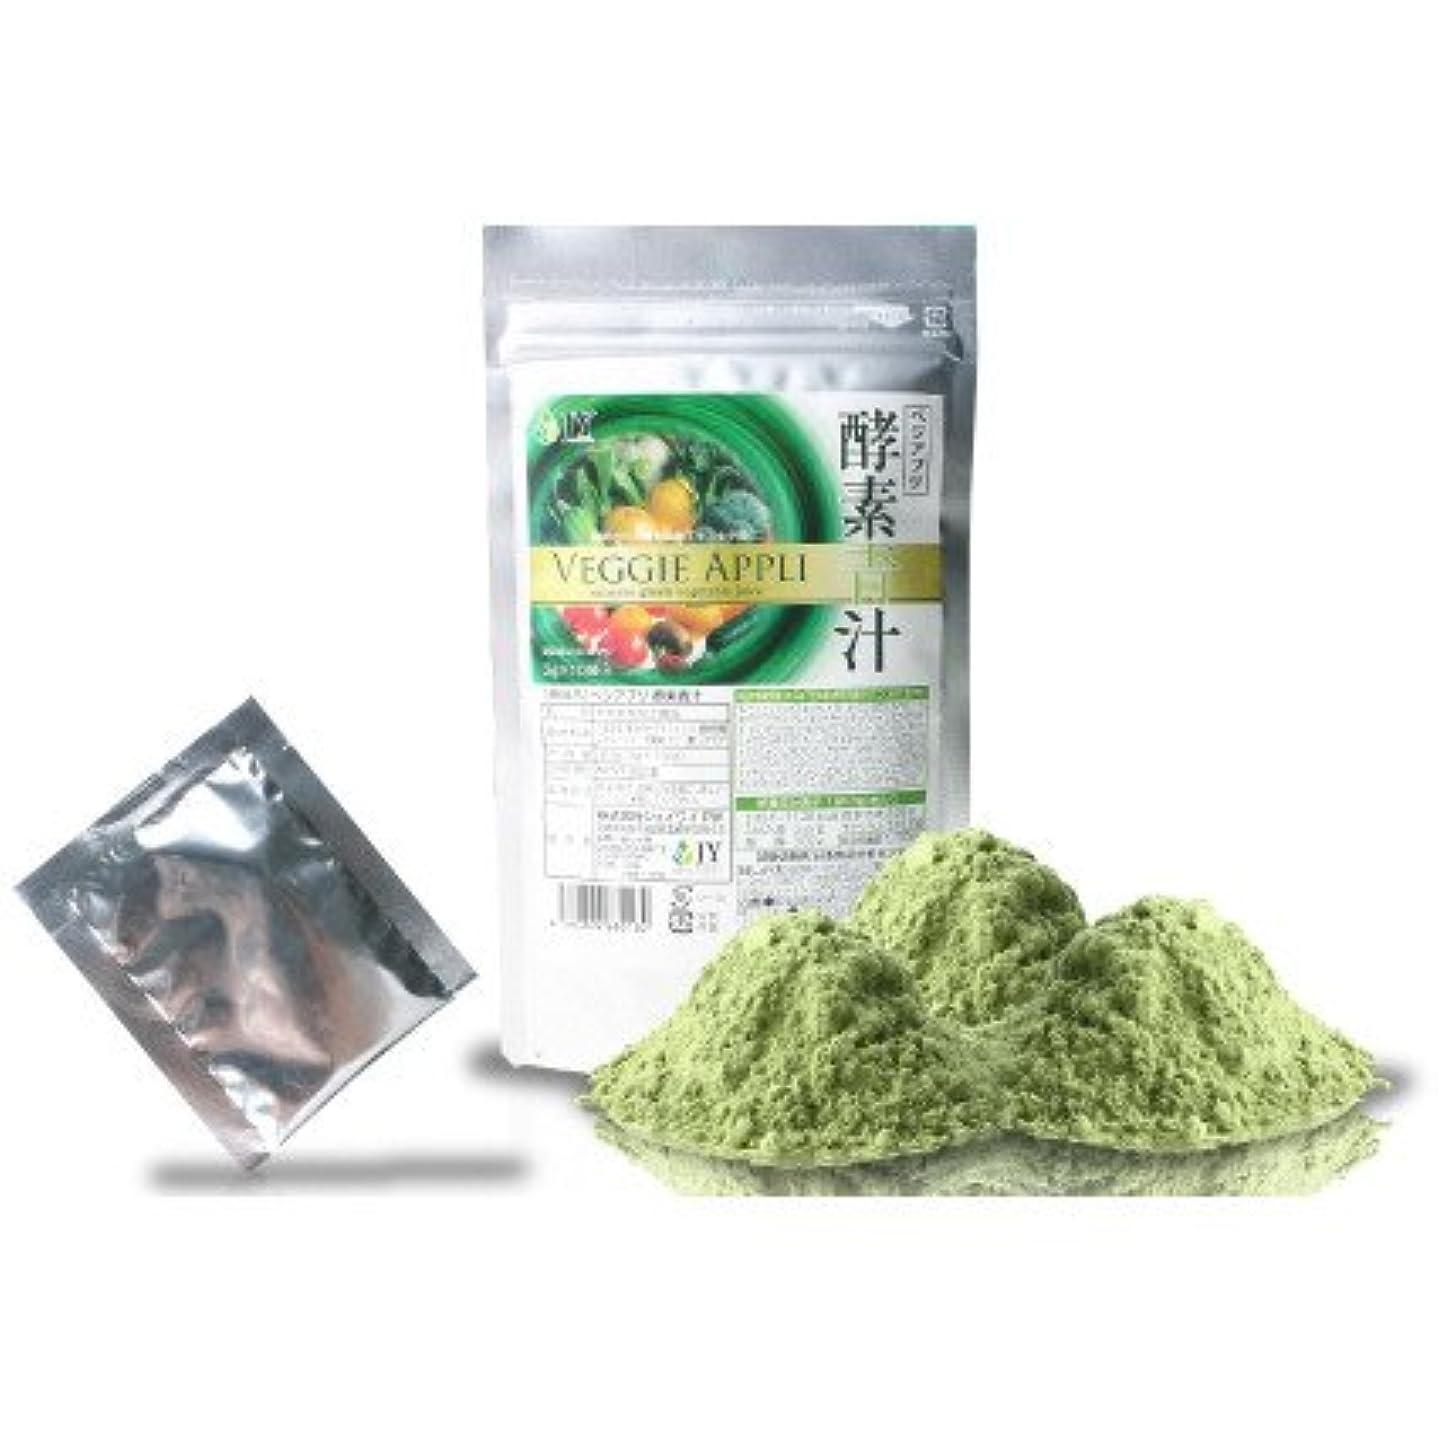 座る眠いです今晩酵素と青汁と乳酸菌、効率よくダイエットをサポート『ベジアプリ 酵素青汁 約10日間お試しサイズ10包入り』